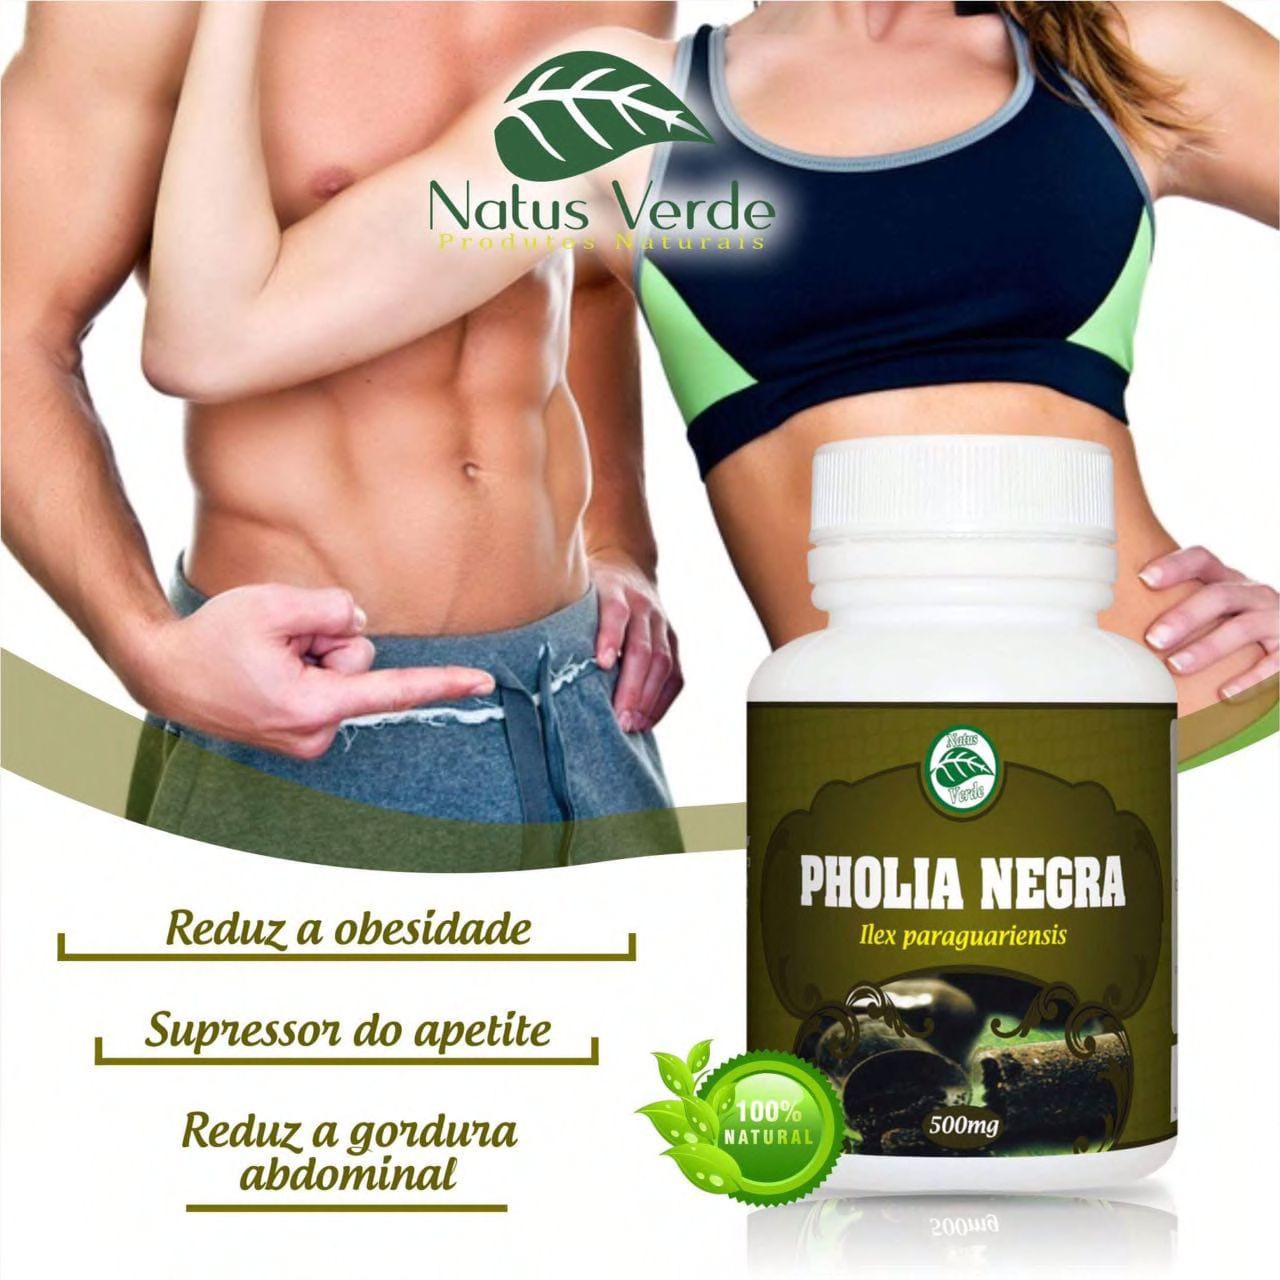 Supressor de apetite Natural Pholia Negra 60 Caps Natus Verde  - Fribasex - Fabricasex.com